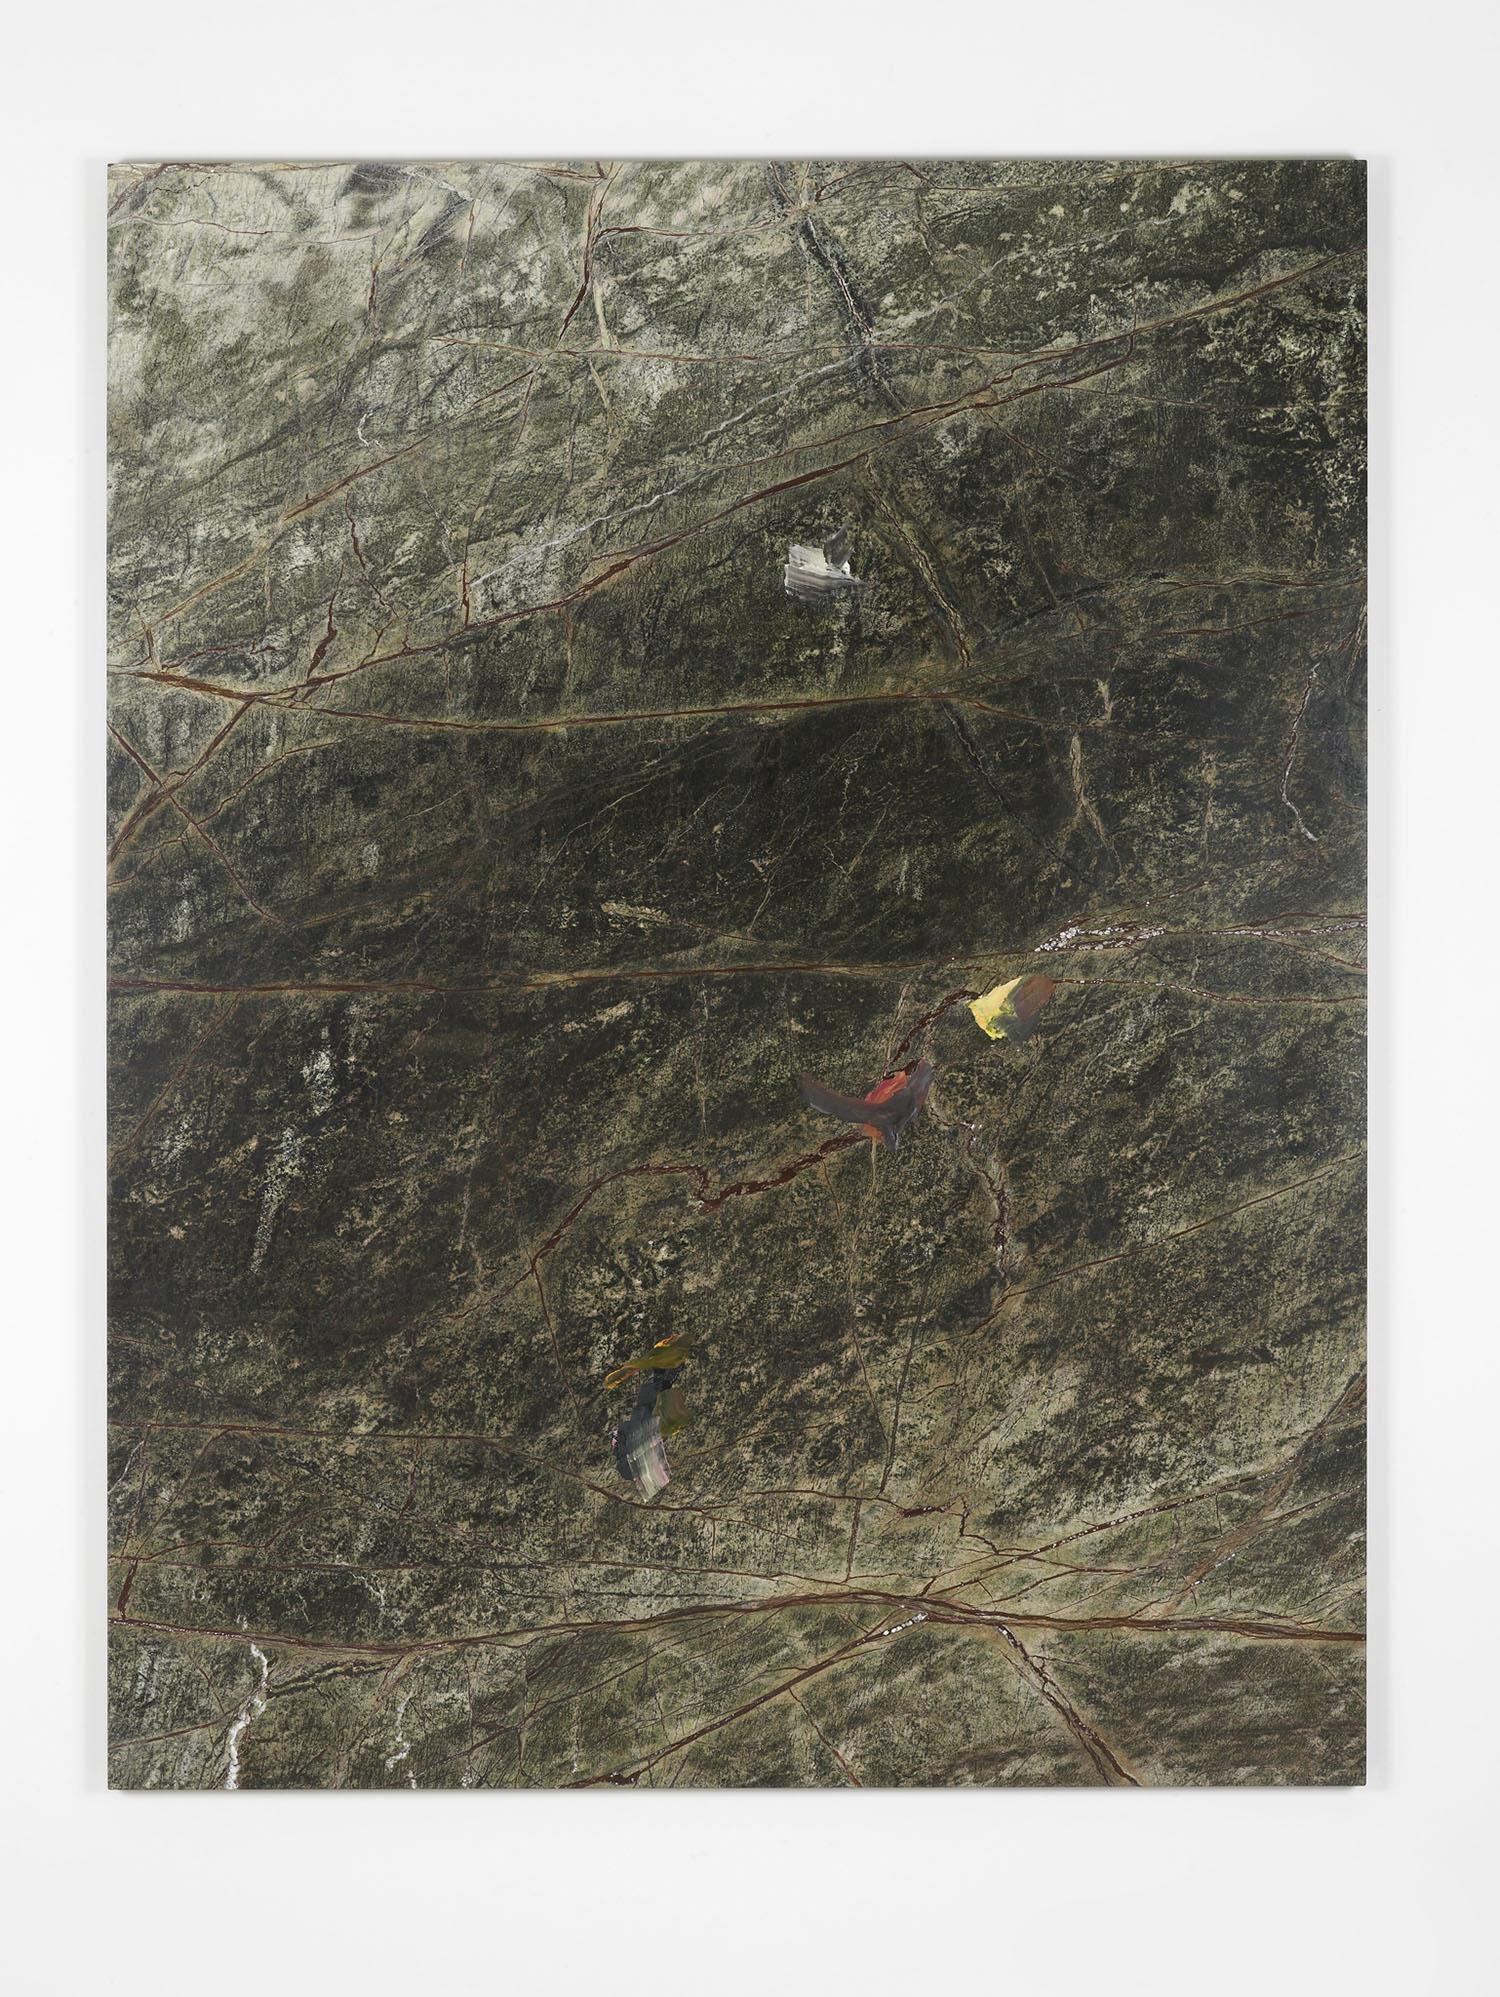 14 - Pieter Vermeersch at Carl Freedman Gallery London